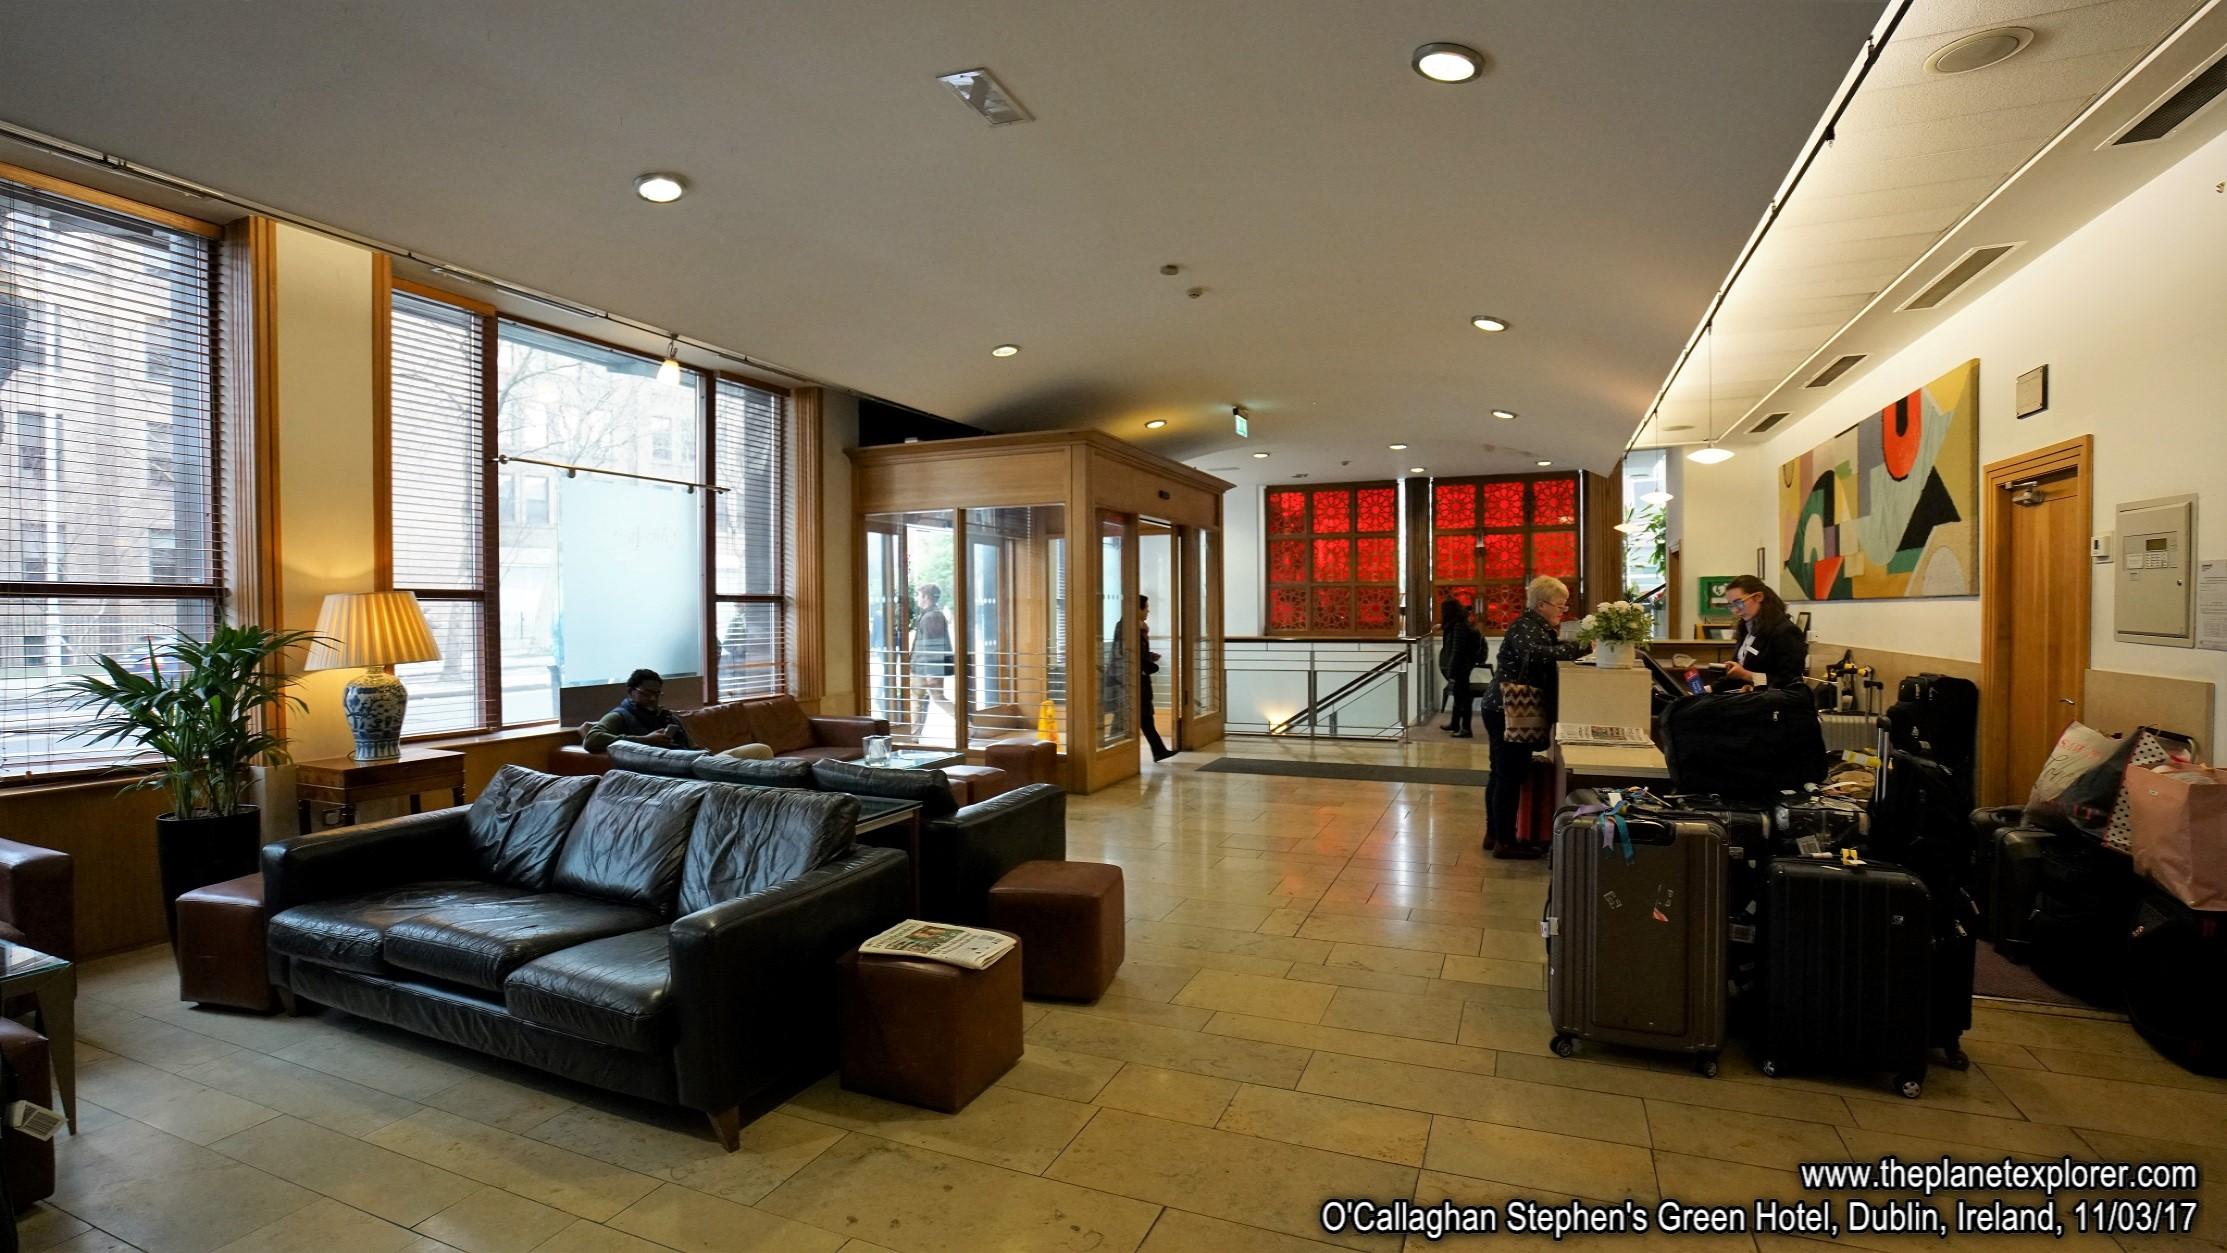 2017-03-11_1302_Ireland_Dublin_O'Callaghan Stephen's Green Hotel_DSC07234_a7R2_LR_@www